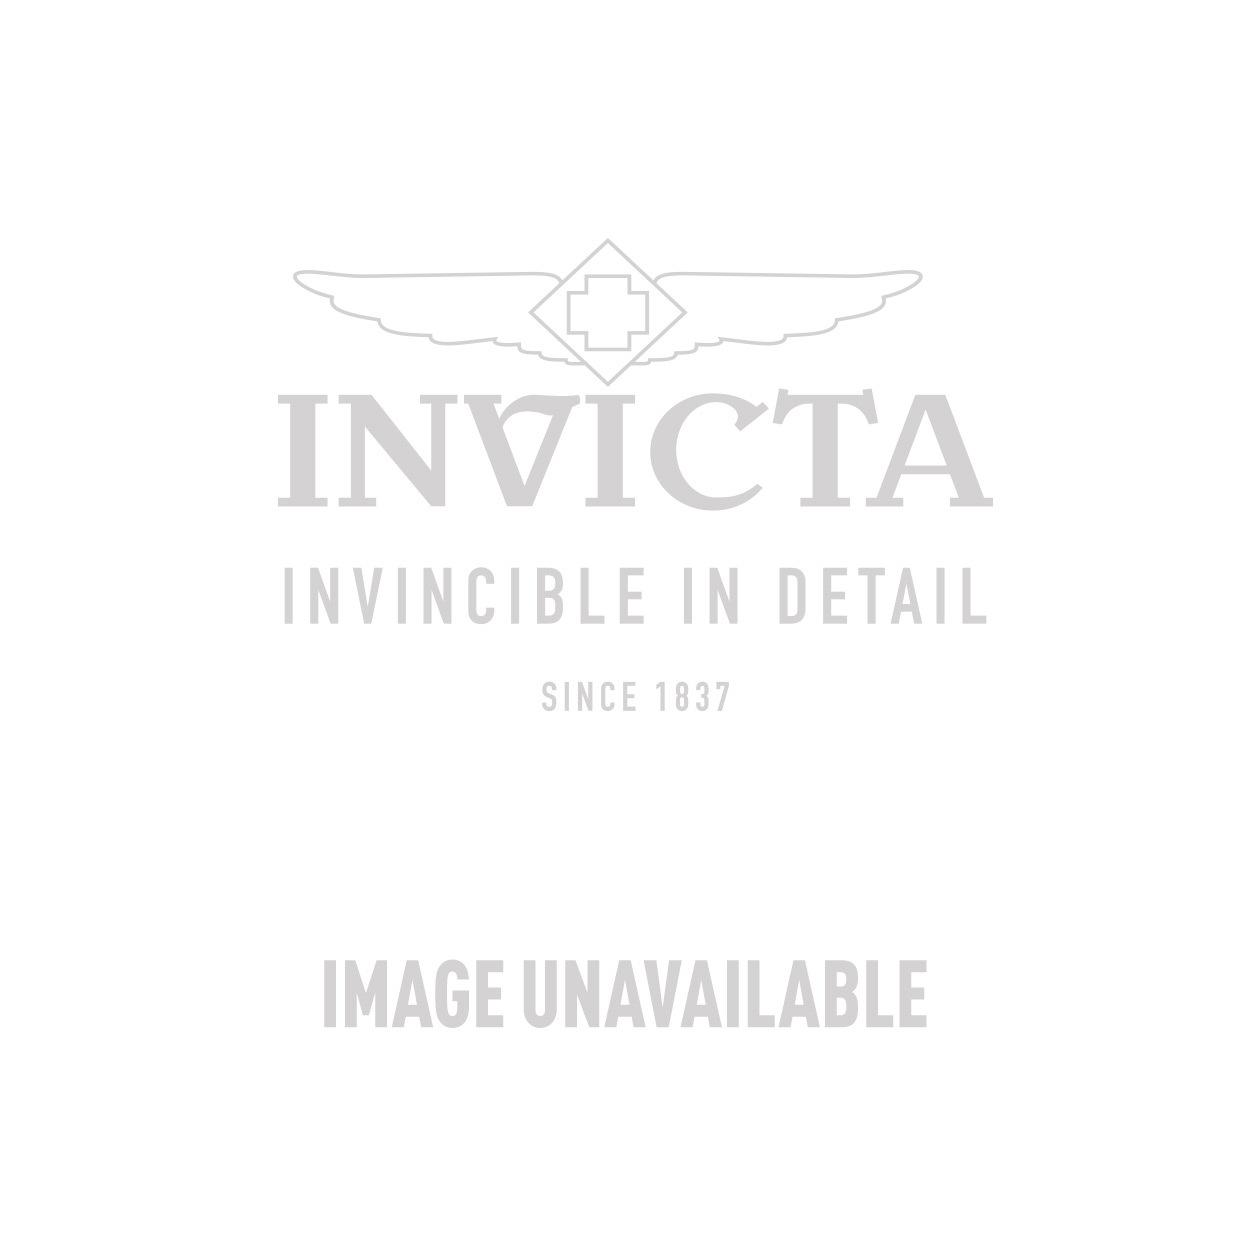 Invicta Model SC0364